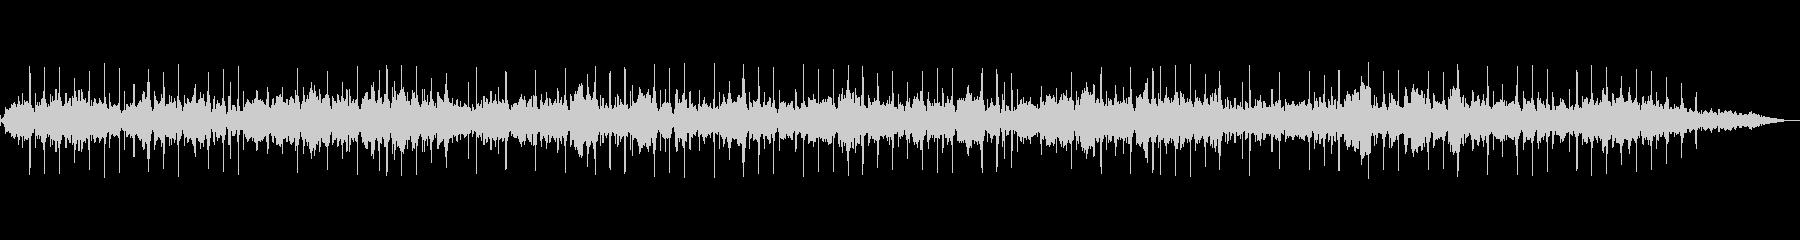 アヴェマリア・ヒーリング曲Ver3の未再生の波形